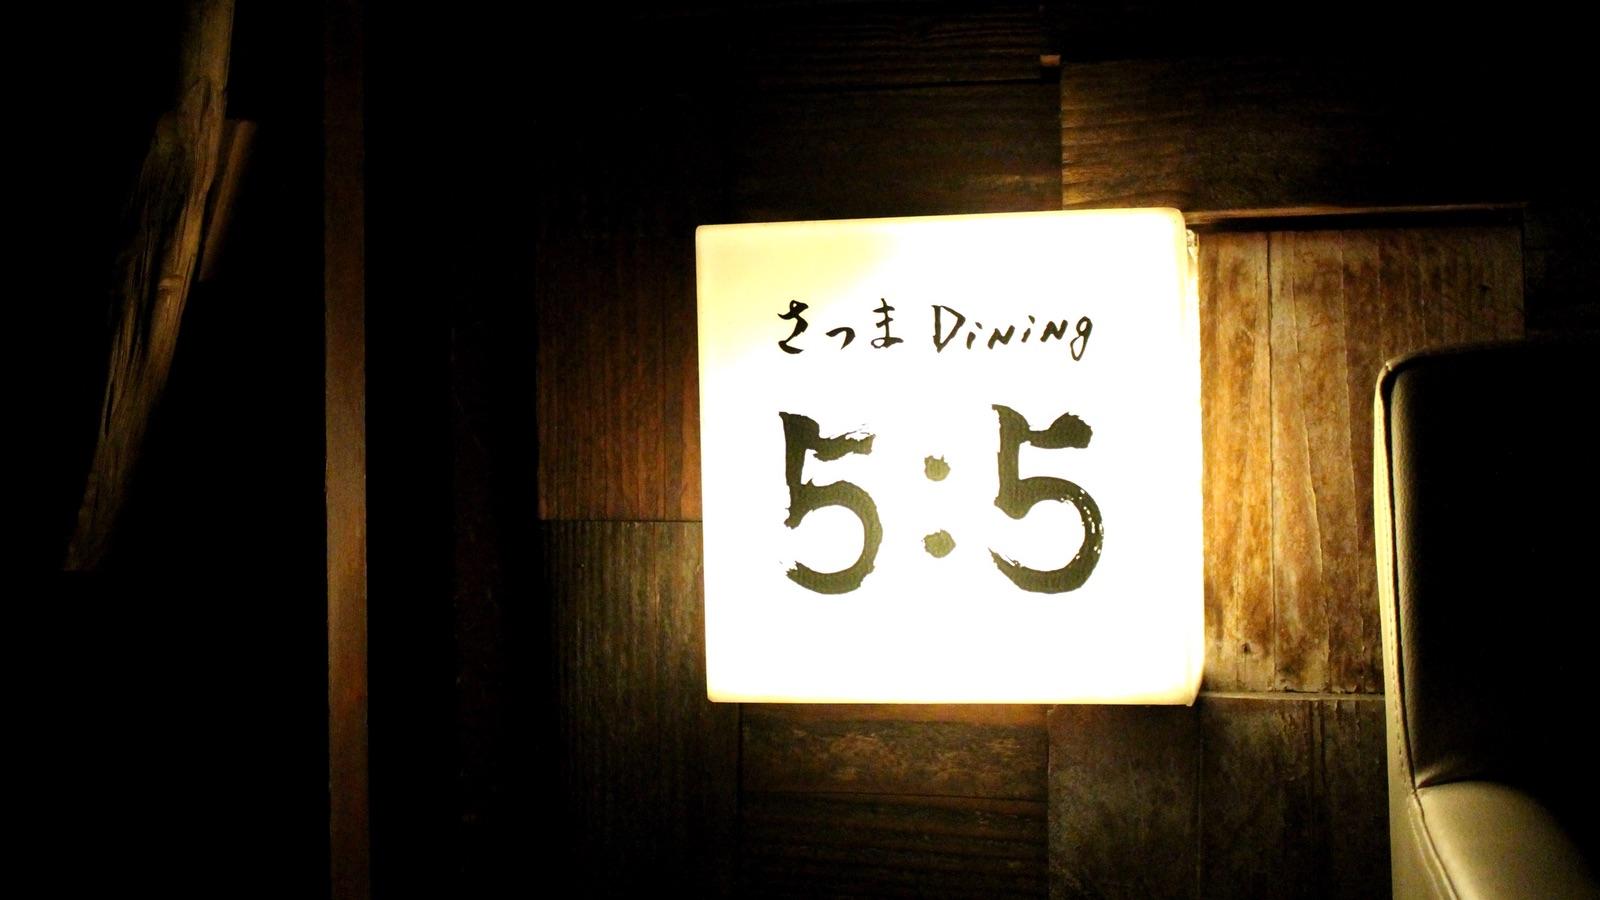 さつまダイニング5:5の看板